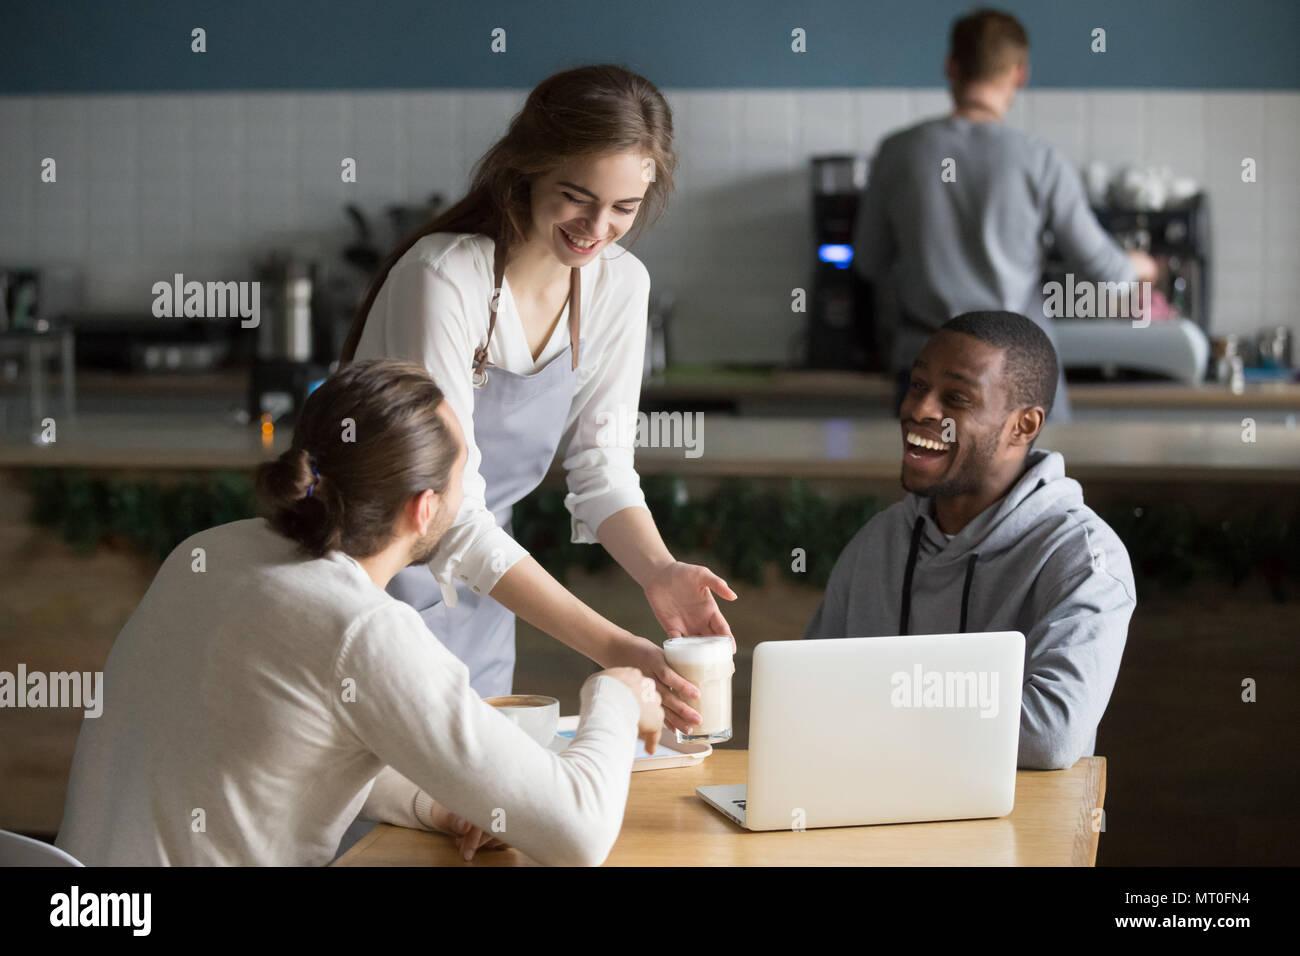 Camarera y visitantes multirraciales riendo en chiste gracioso en el café Imagen De Stock